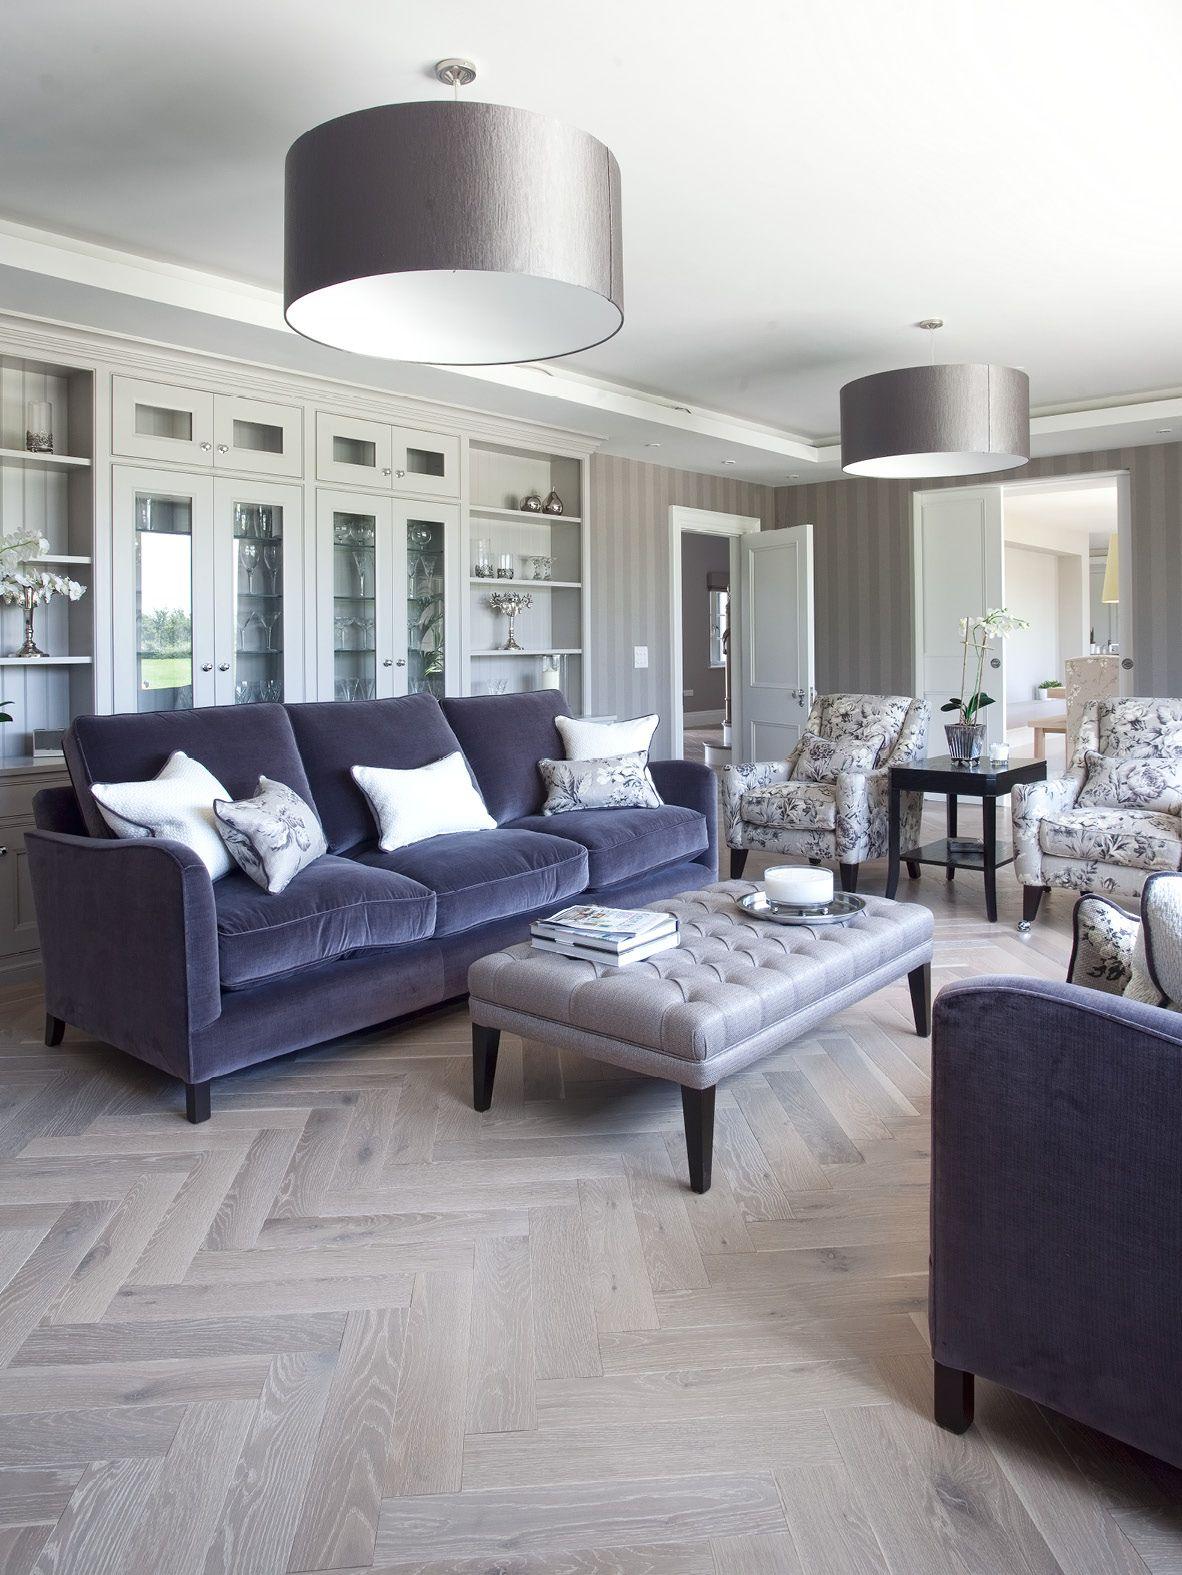 Black Sectional Living Room Decor: Pin Tillagd Av Olivia Kodak På House I 2019